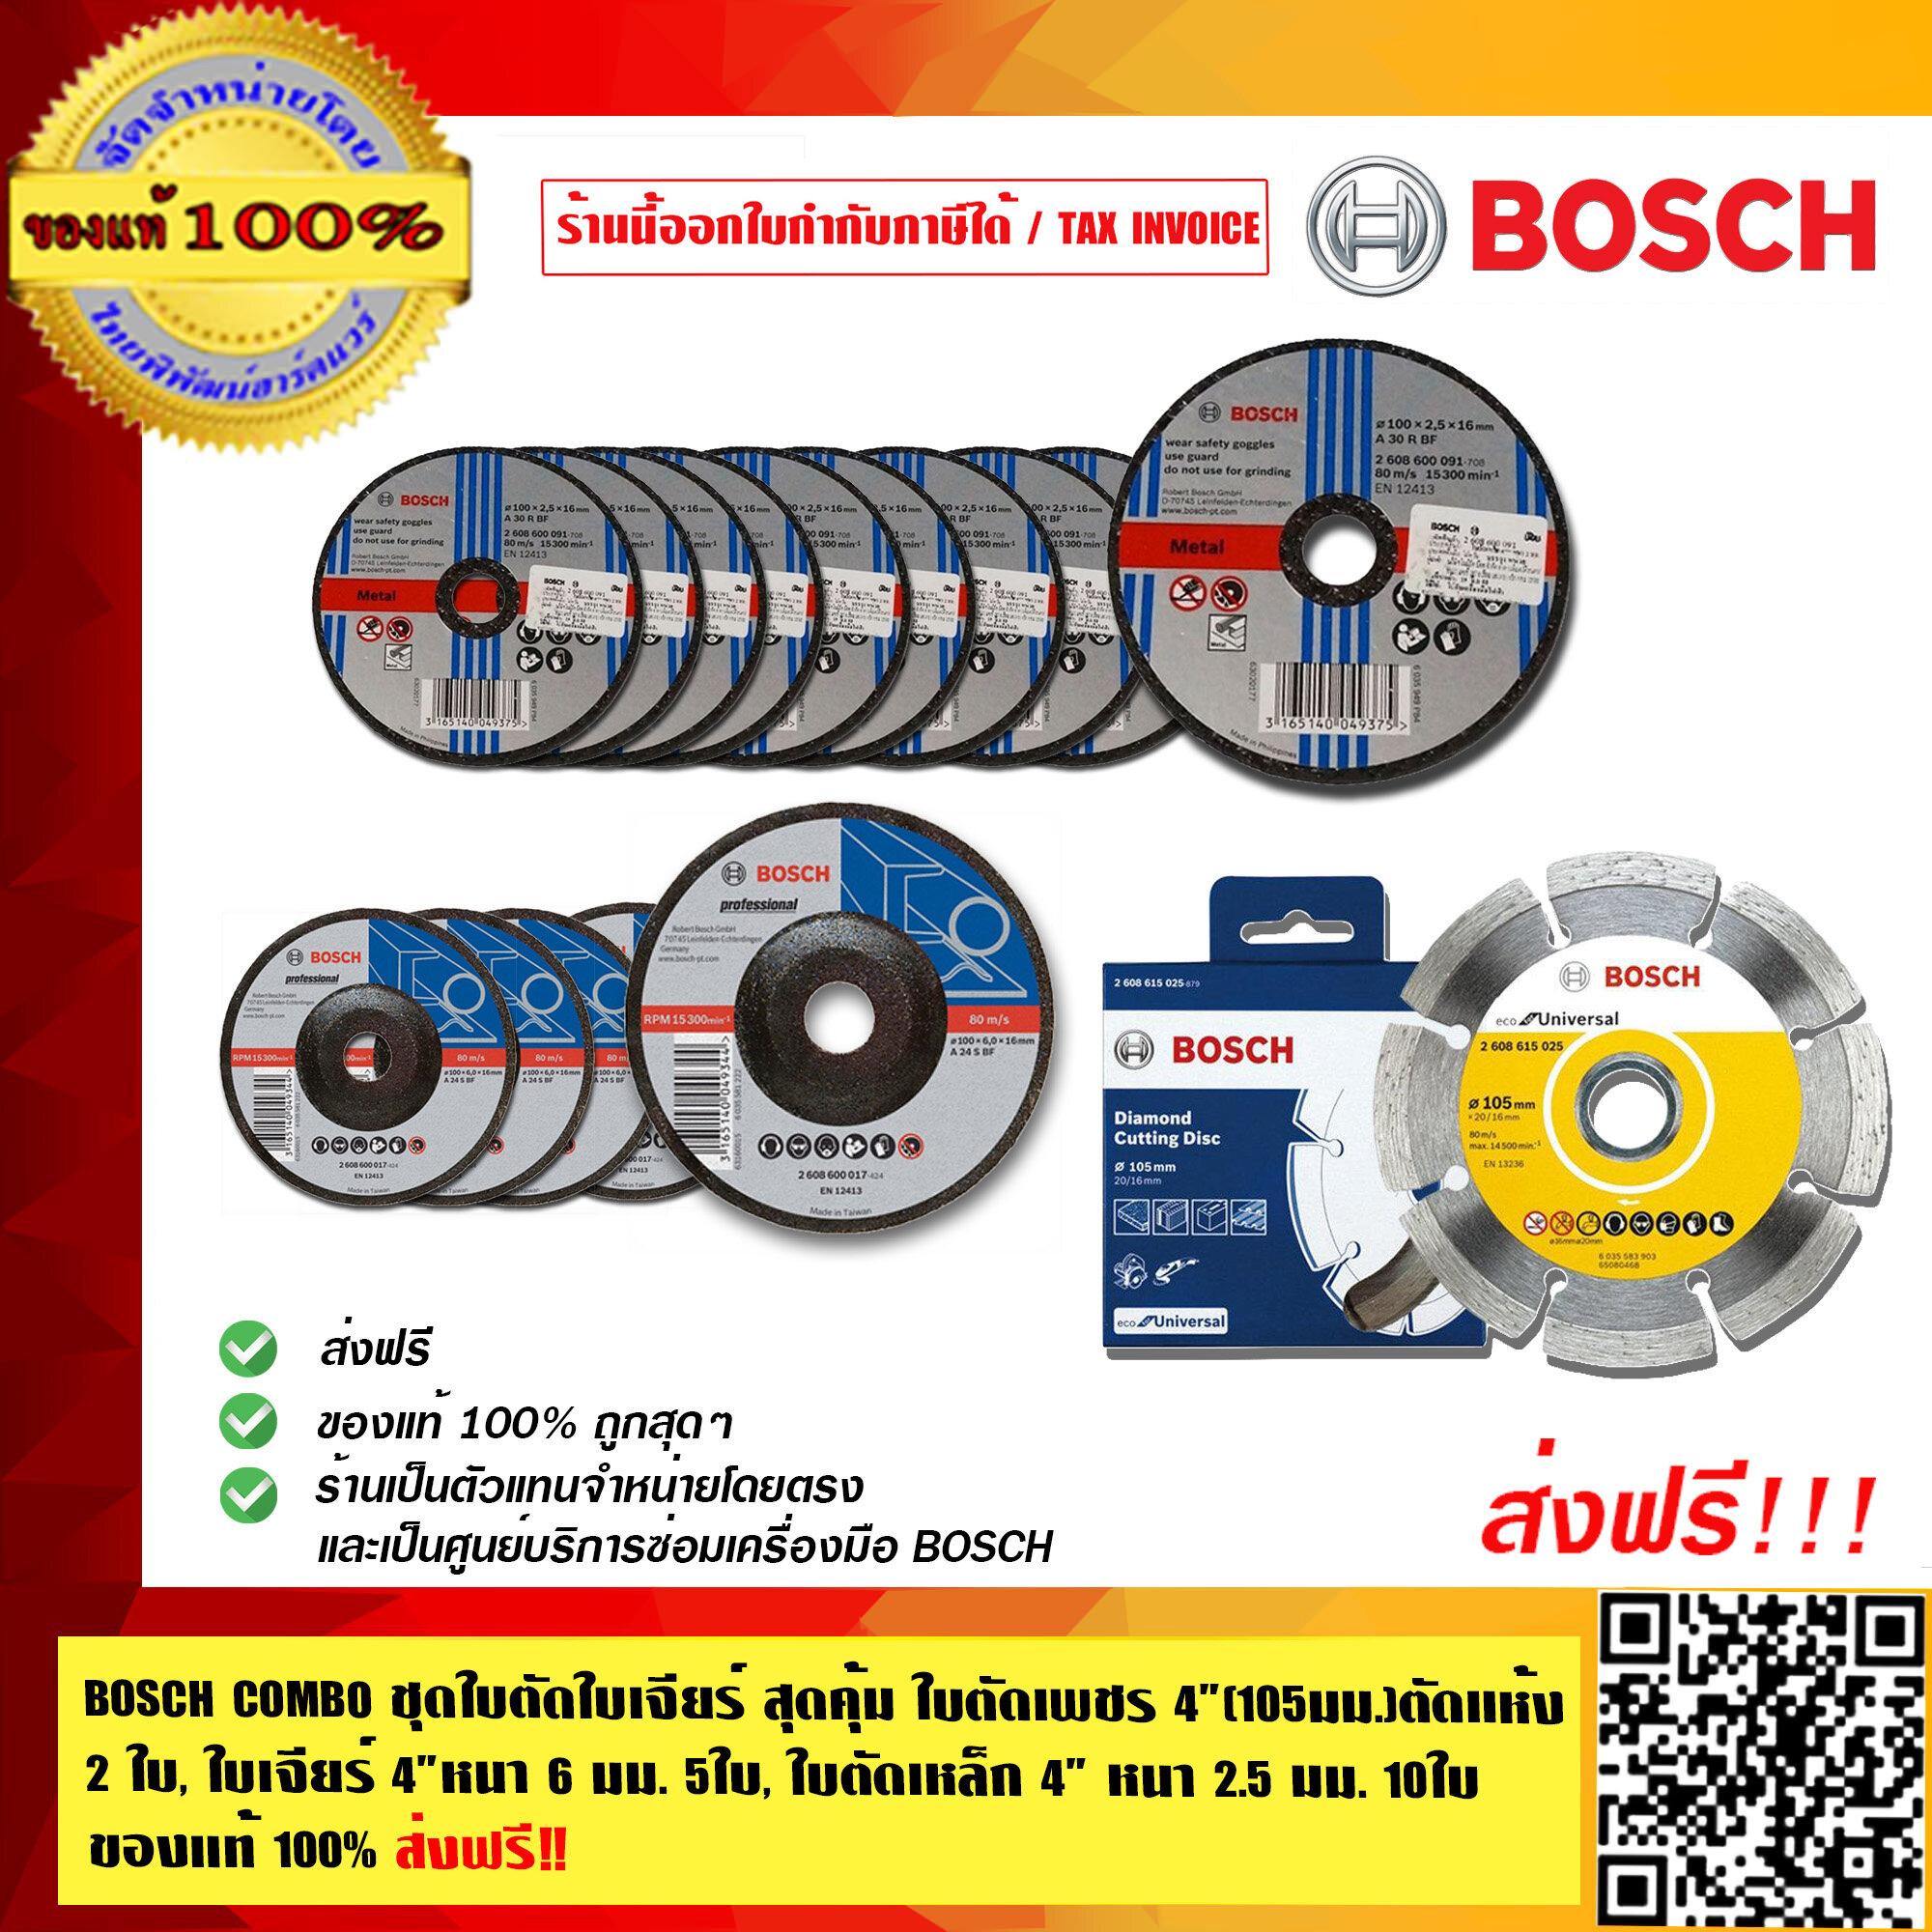 ราคา BOSCH COMBO ชุดใบตัดใบเจียร์ สุดคุ้ม ใบตัดเพชร 4 นิ้ว (105 มม.) ตัดแห้ง รุ่น 2608615025 จำนวน 2 ใบ, ใบเจียร์ 4 นิ้ว หนา 6 มม. จำนวน 5 ใบ และ ใบตัดเหล็ก 4 นิ้ว หนา 2.5 มม. จำนวน 10 ใบ ส่งฟรี!! ของแท้ 100% ร้านเป็นตัวแทนจำหน่ายโดยตรง